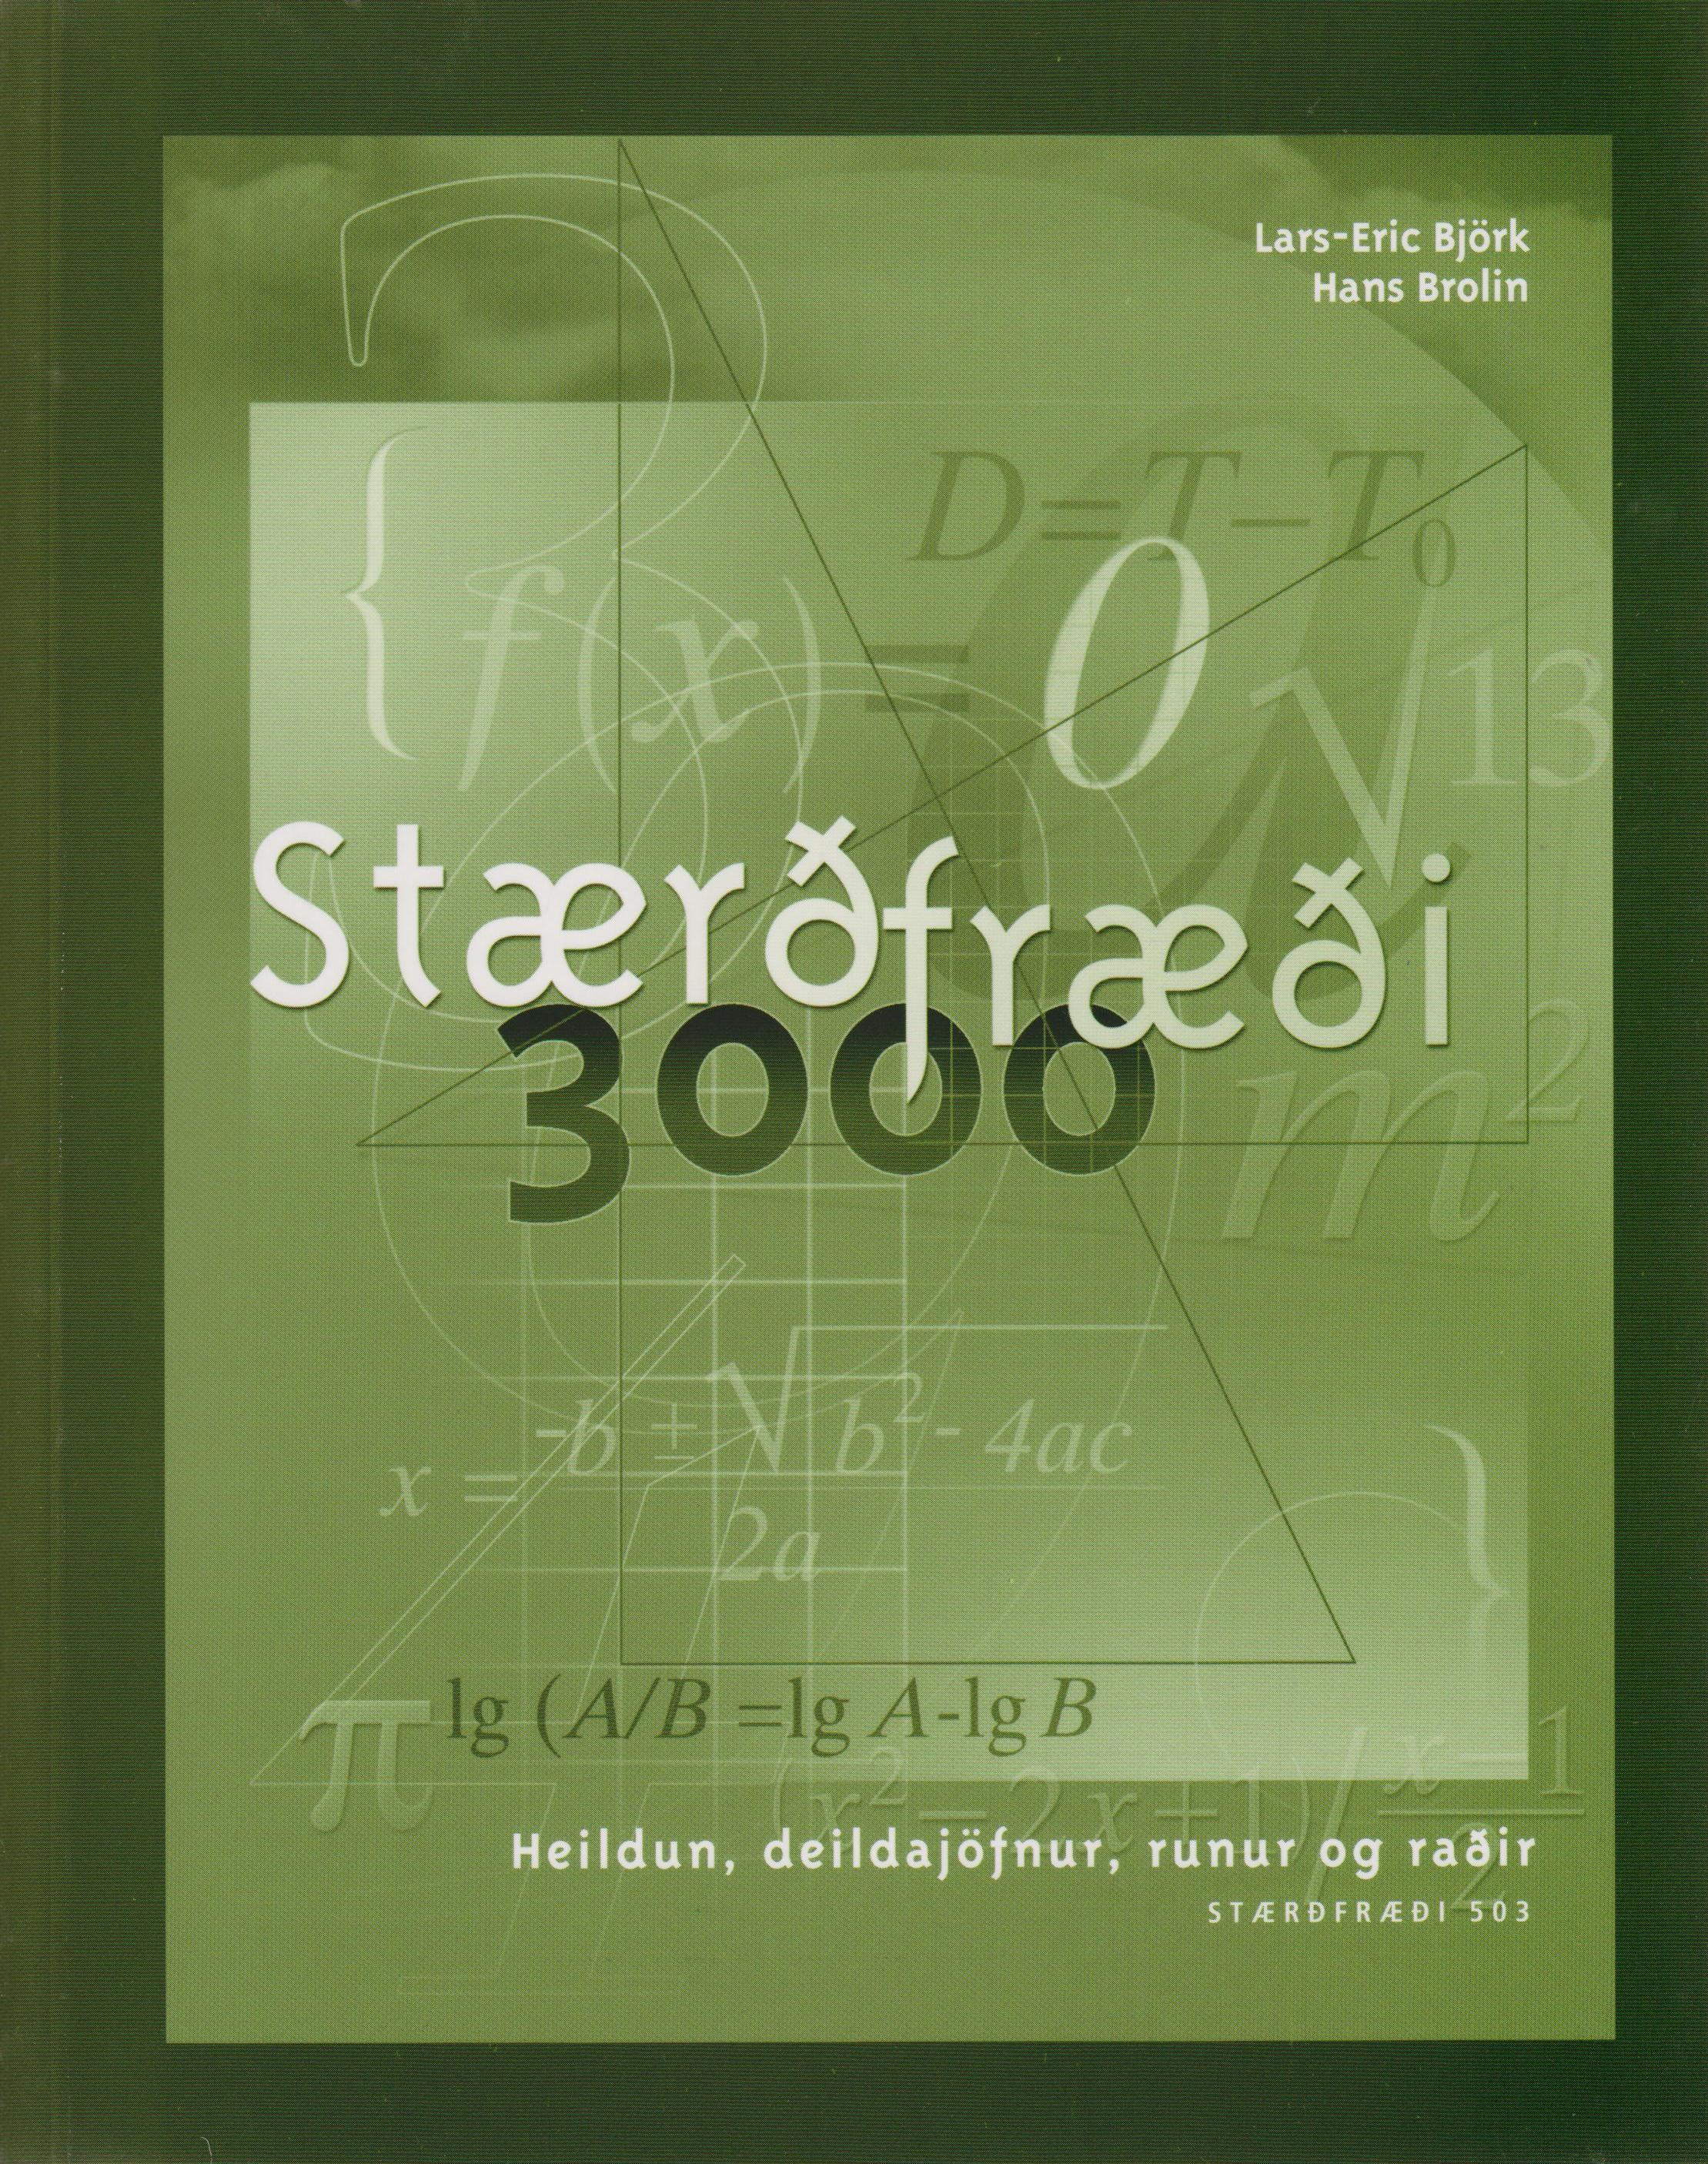 Stærðfræði 3000 – 103 Grunnbók